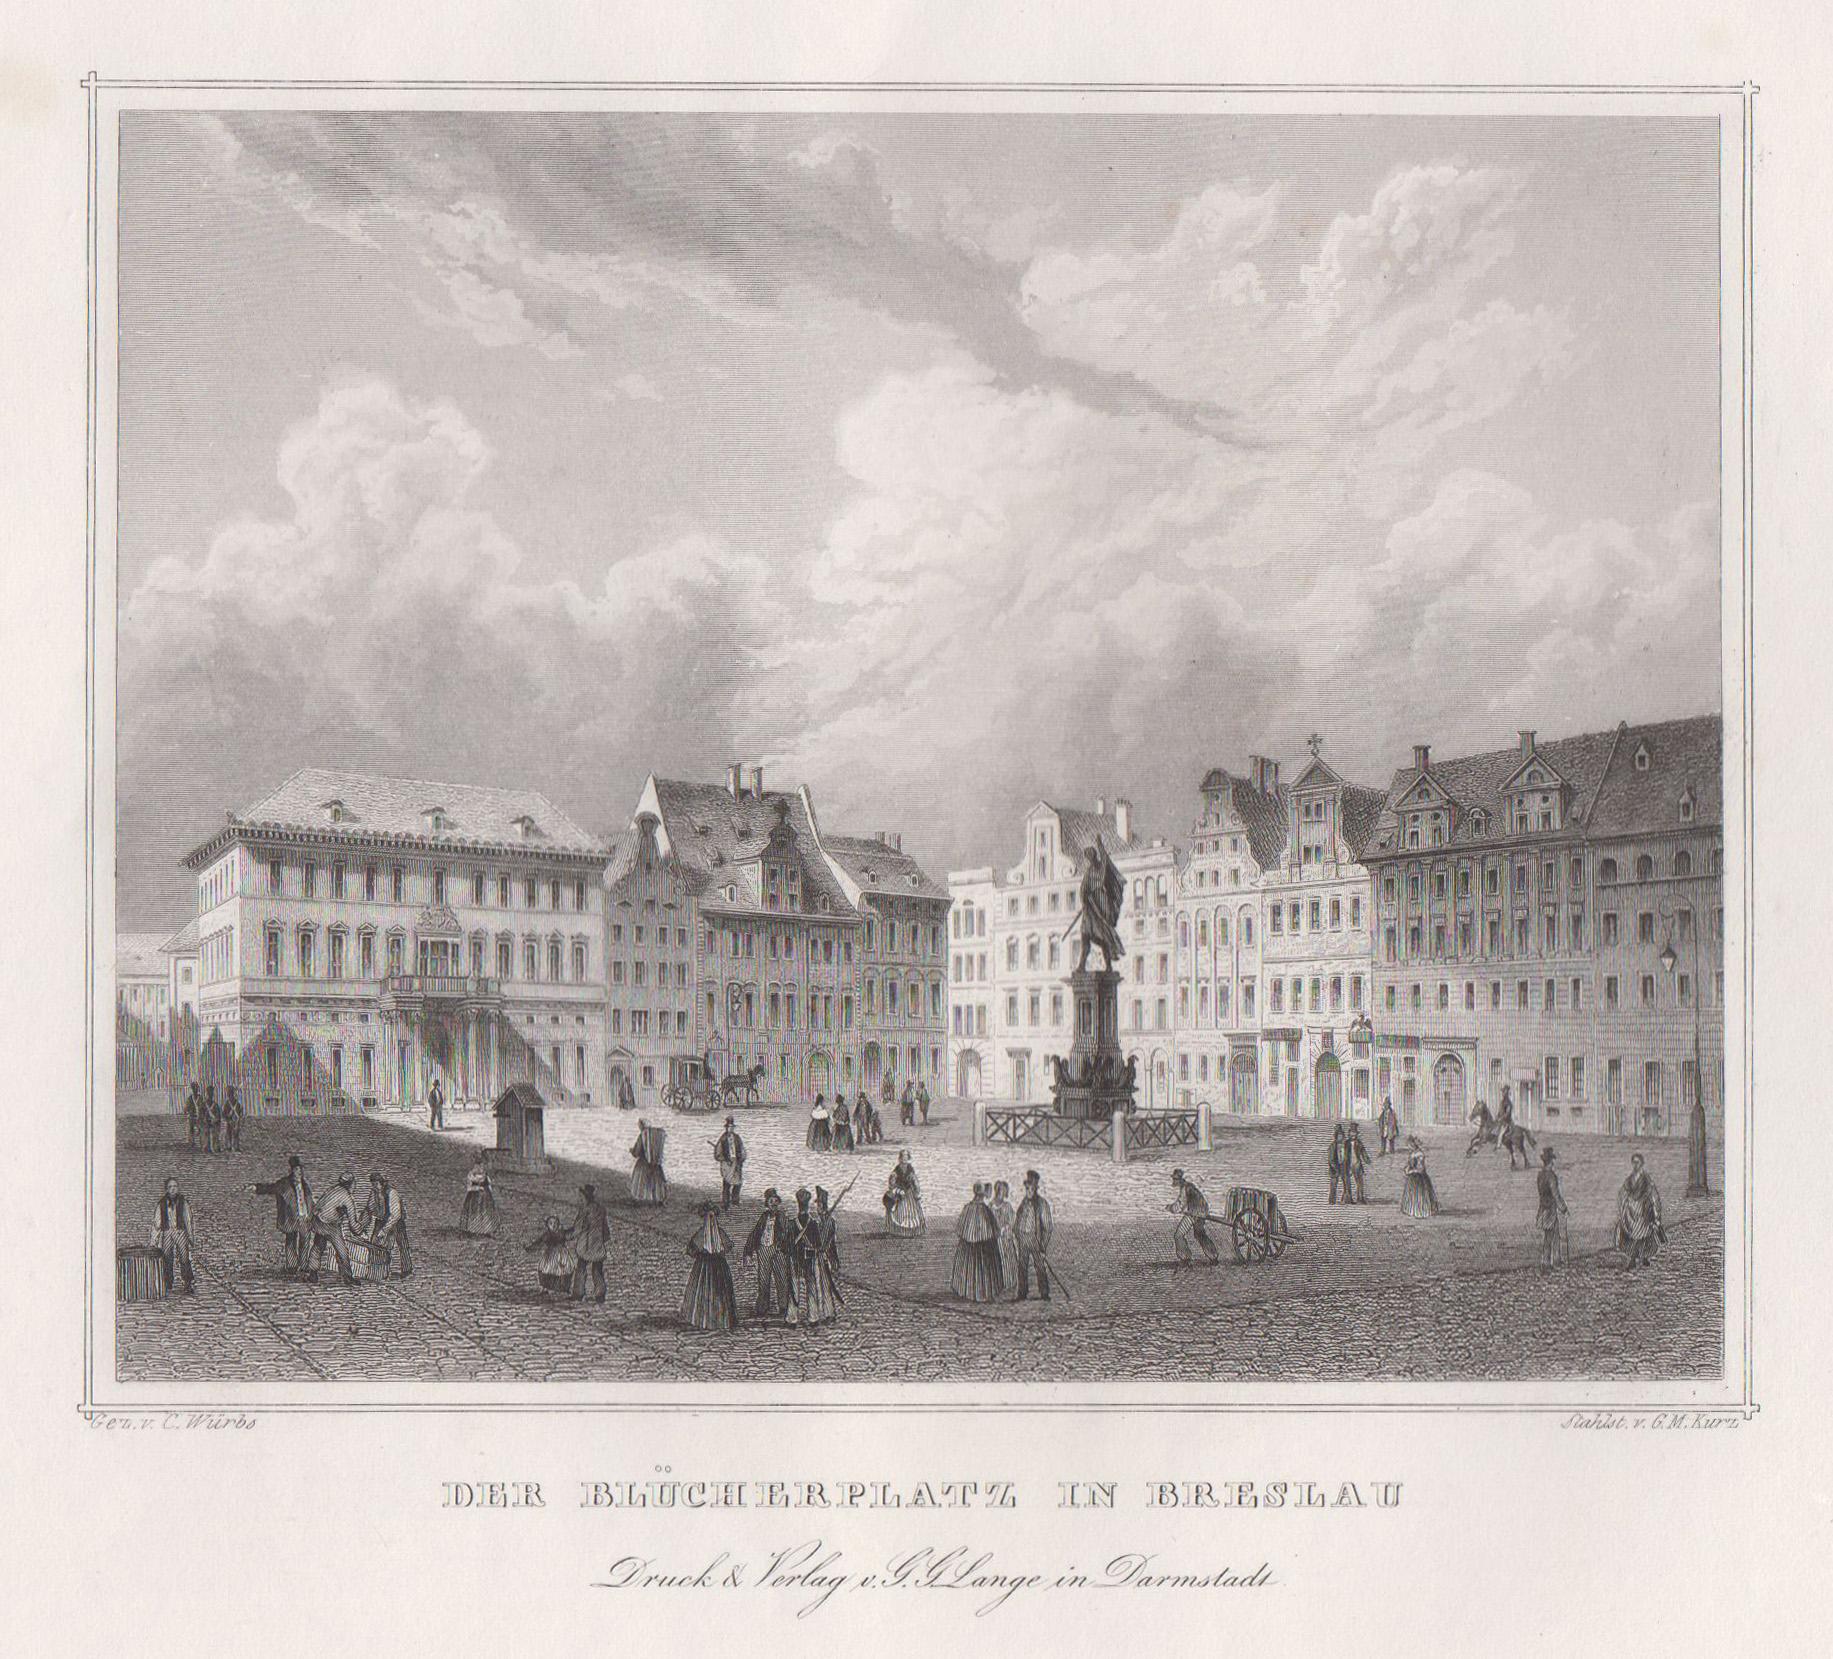 TA., Blücherplatz ( mit Blick auf die: Breslau ( Wroclaw